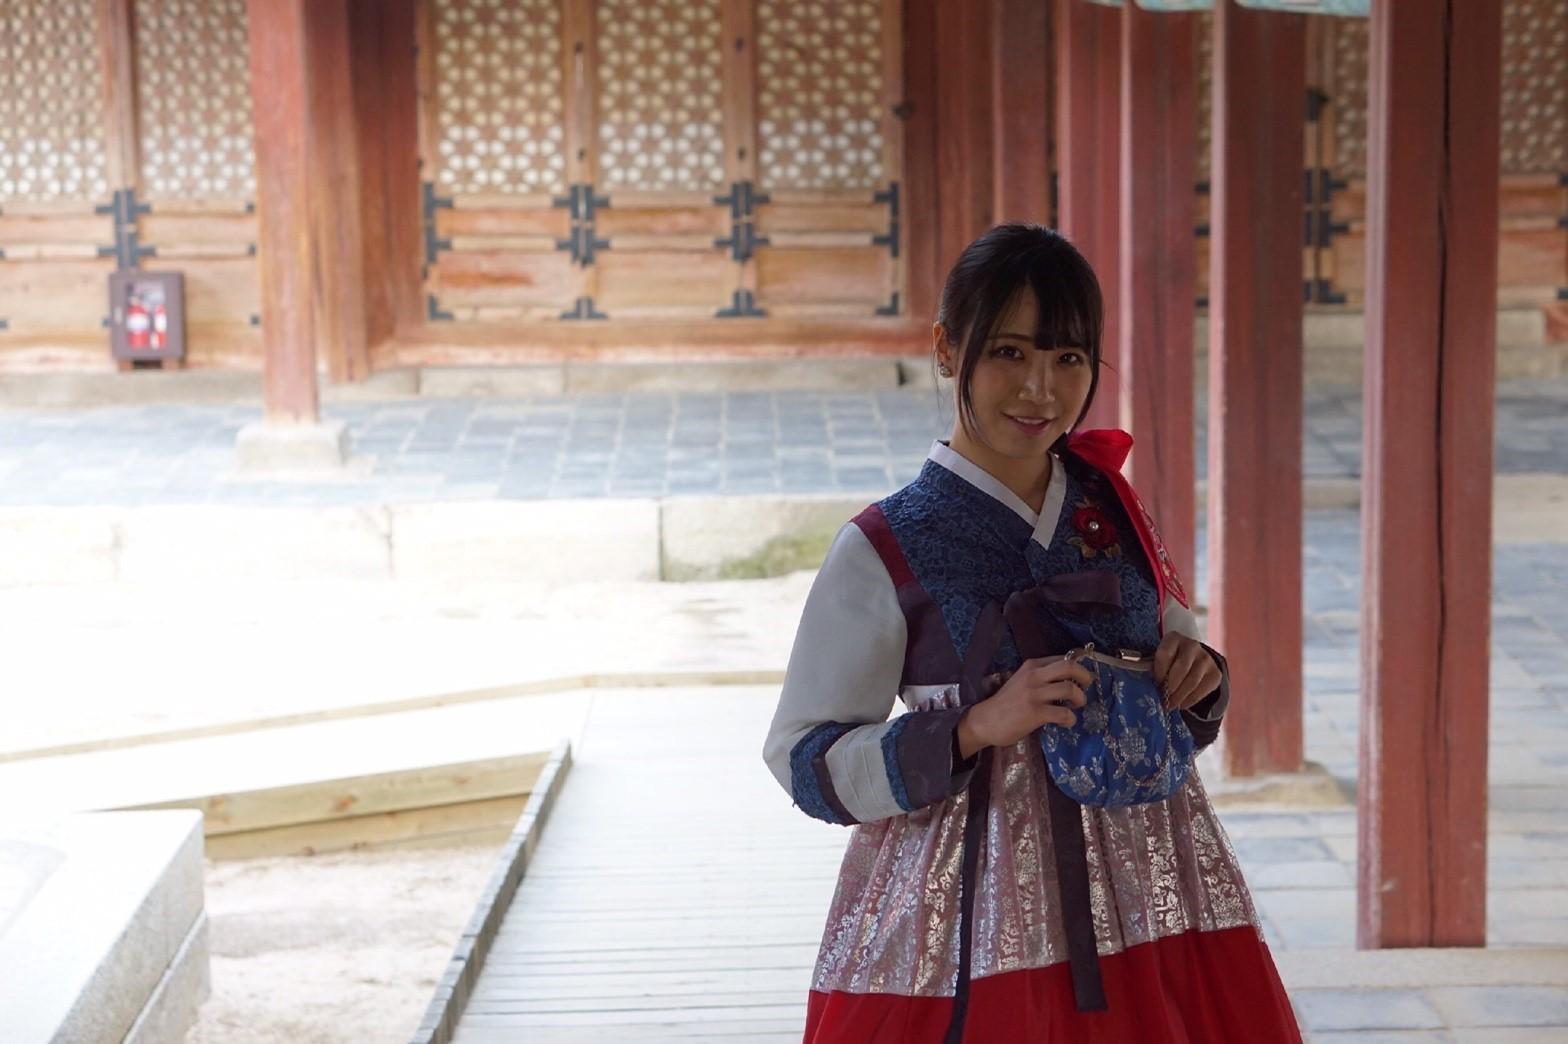 【韓国】チマチョゴリを着て韓国を堪能!_1_3-2